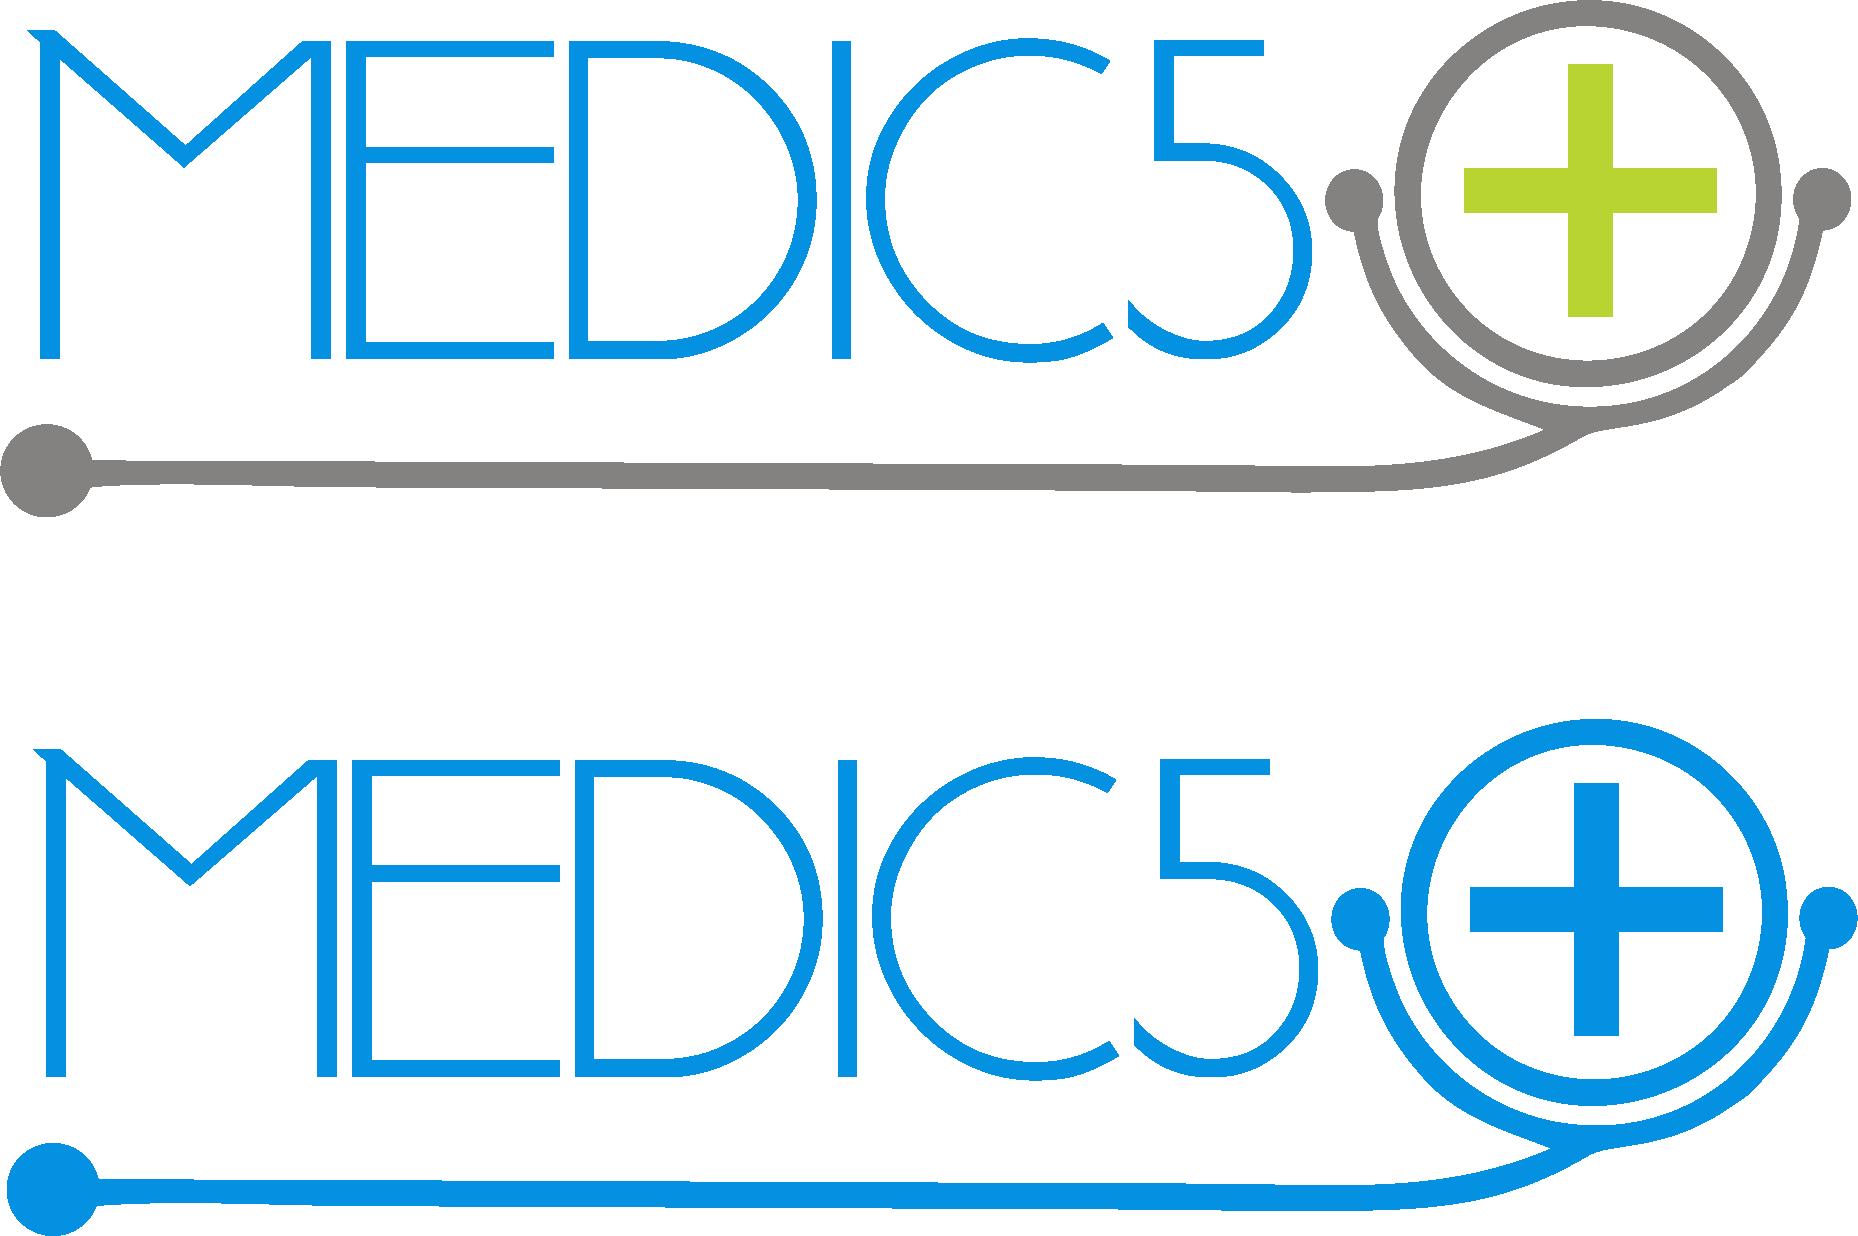 Готовый логотип или эскиз (мед. тематика) фото f_45555ae8c4739fac.png